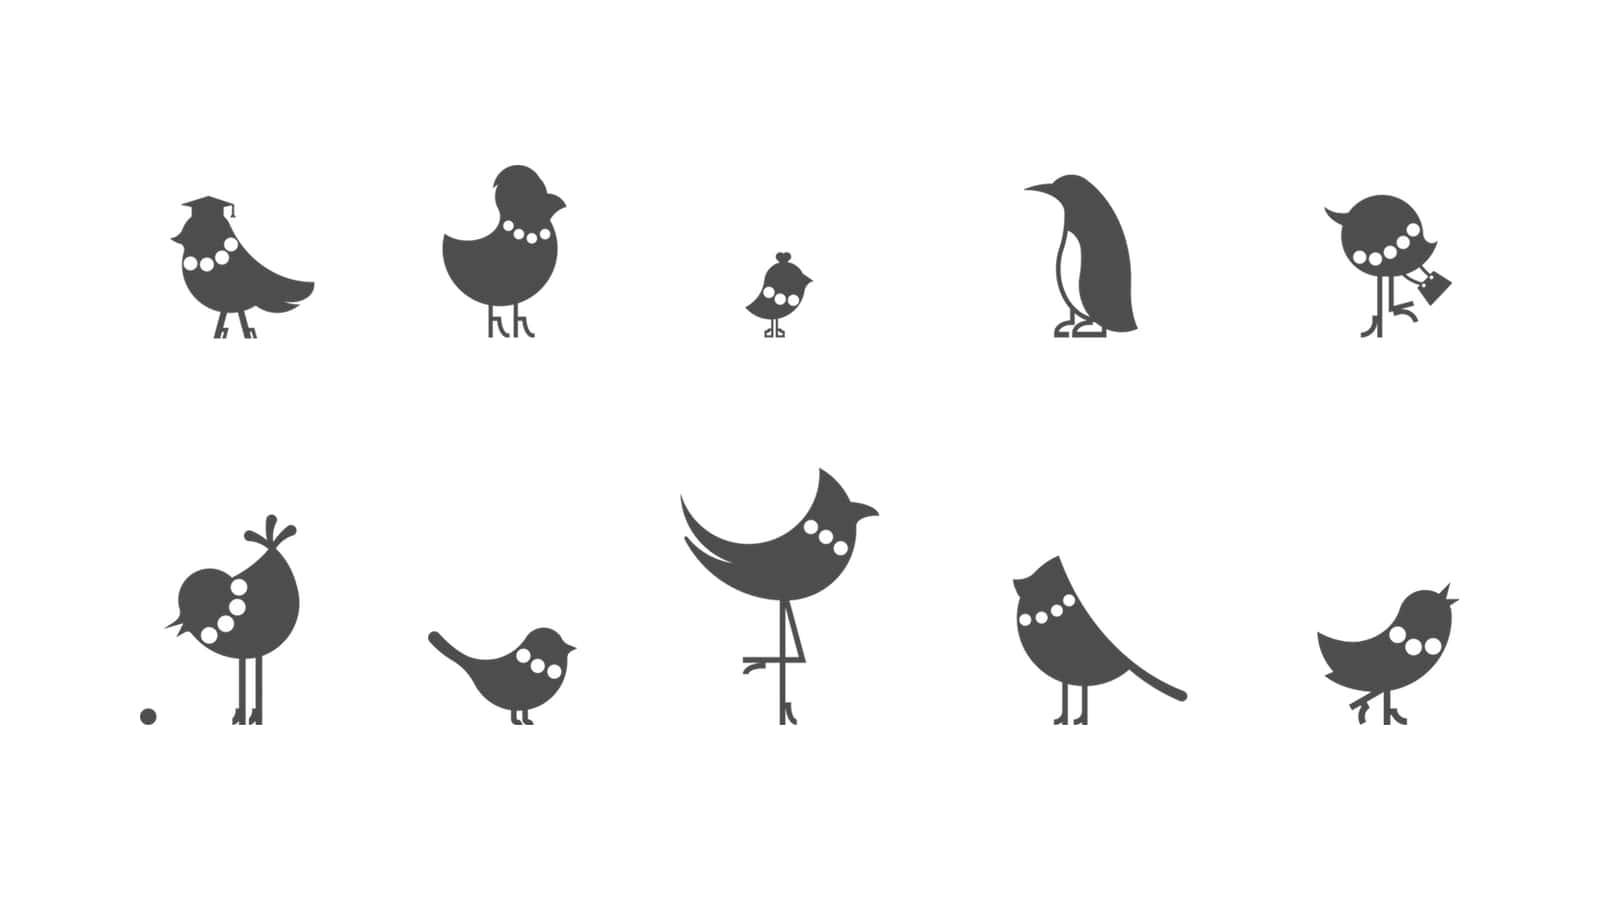 Птички-персонажи сети магазинов бусин и фурнитуры Кафебижу. Разработано Релкамным Агенствм Индэво – indevo.ru